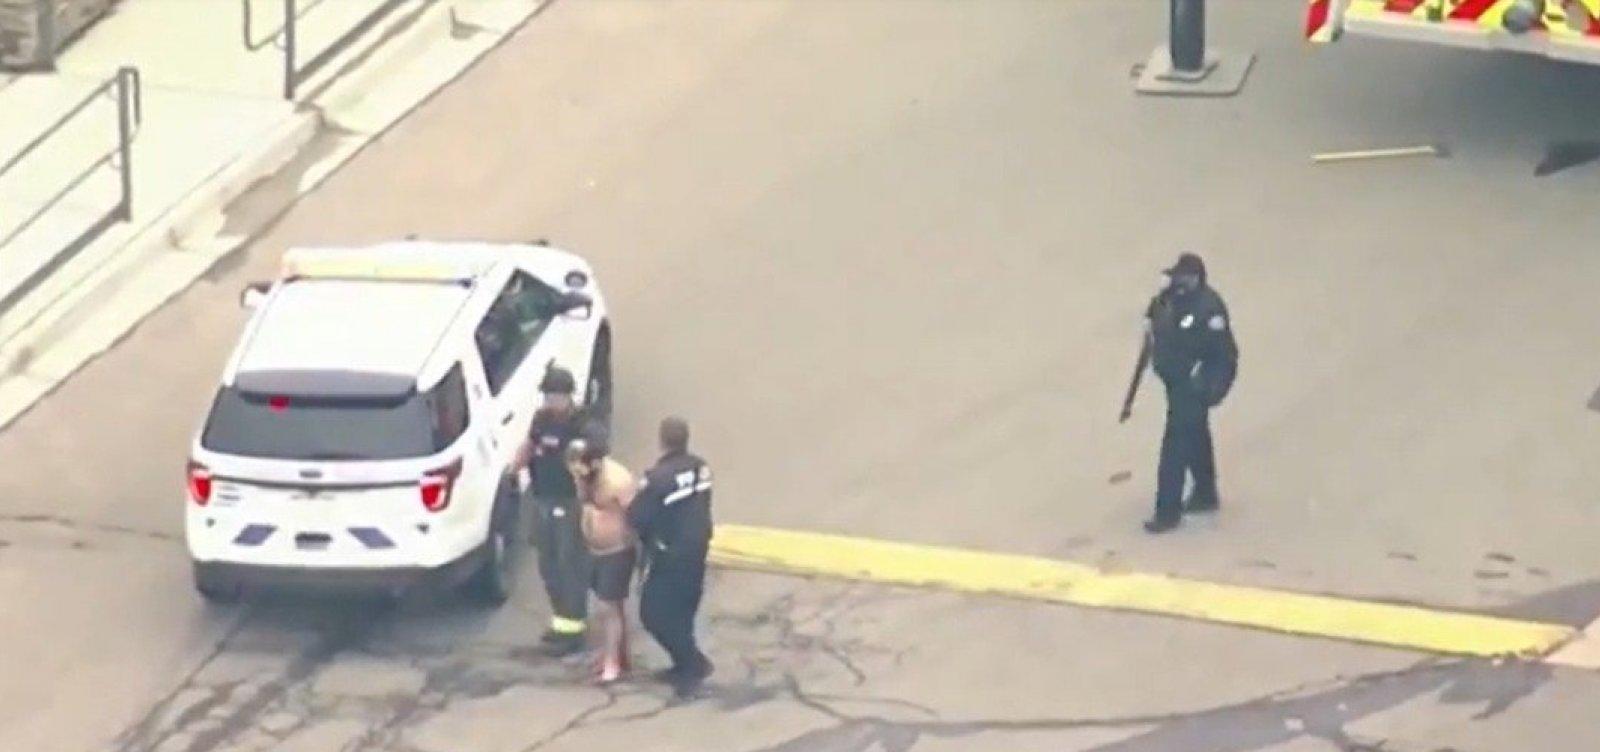 [Dez pessoas são mortas após homem atear fogo em supermercado nos EUA]